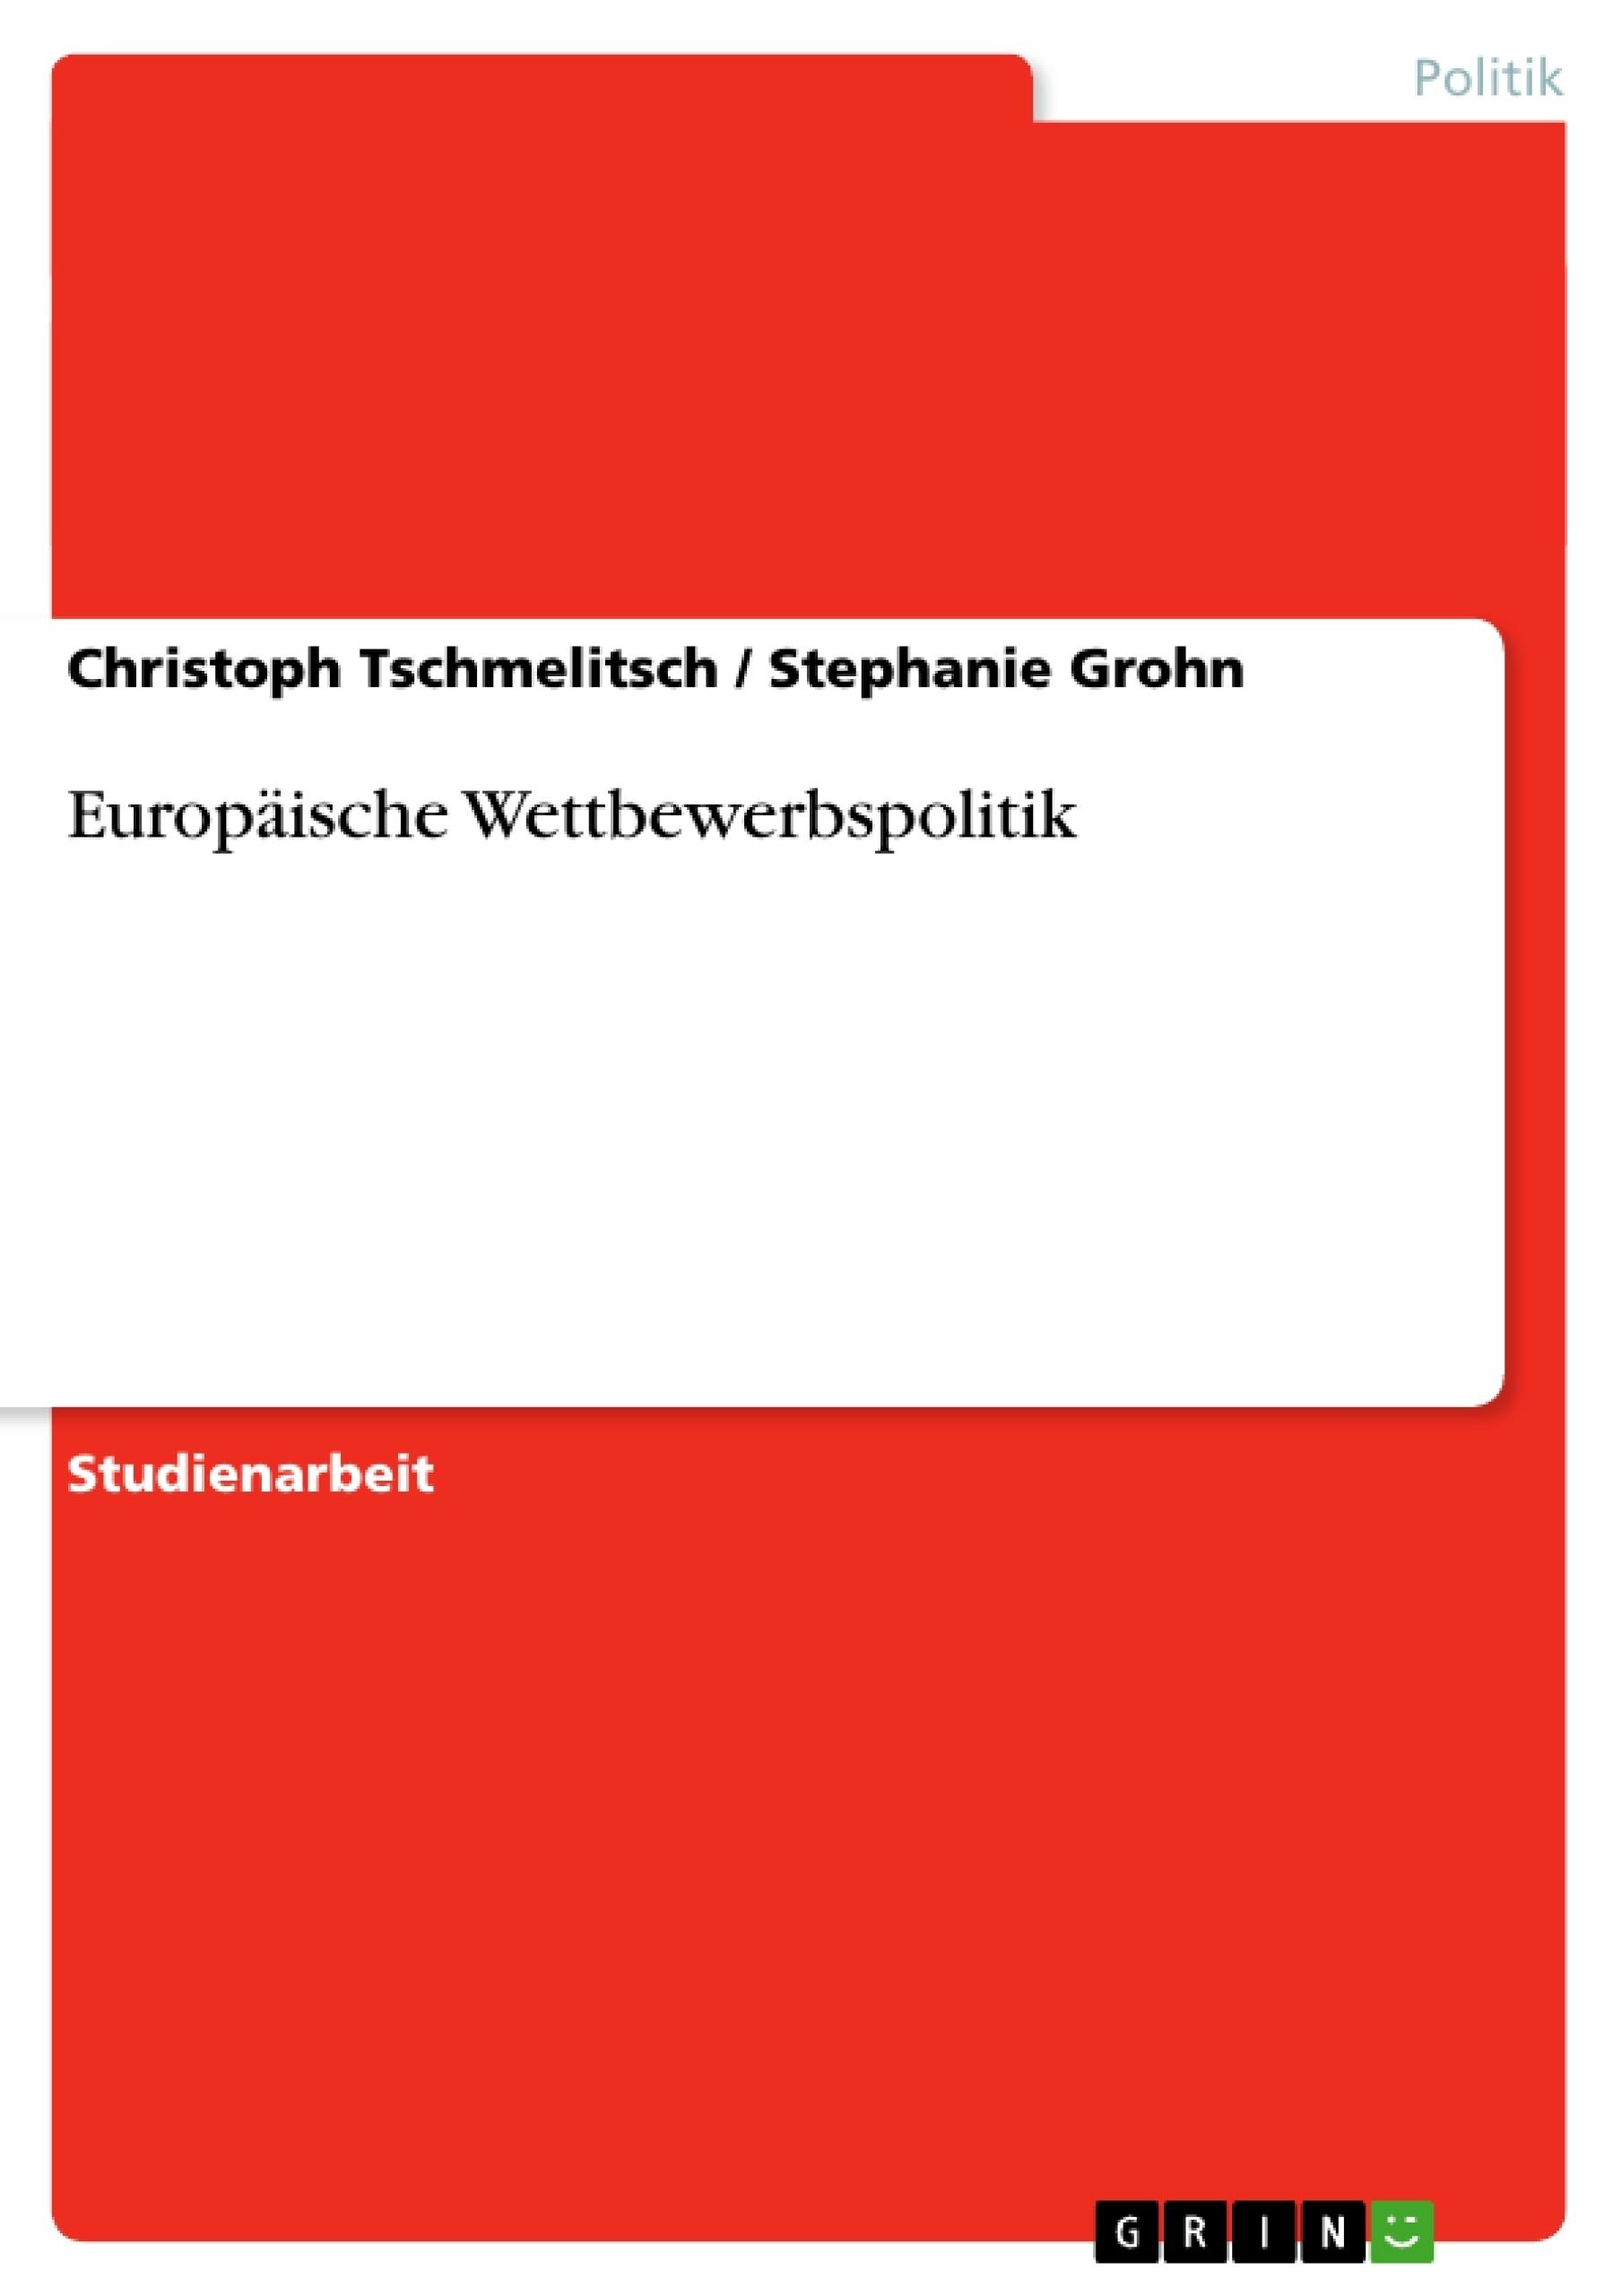 Titel: Europäische Wettbewerbspolitik